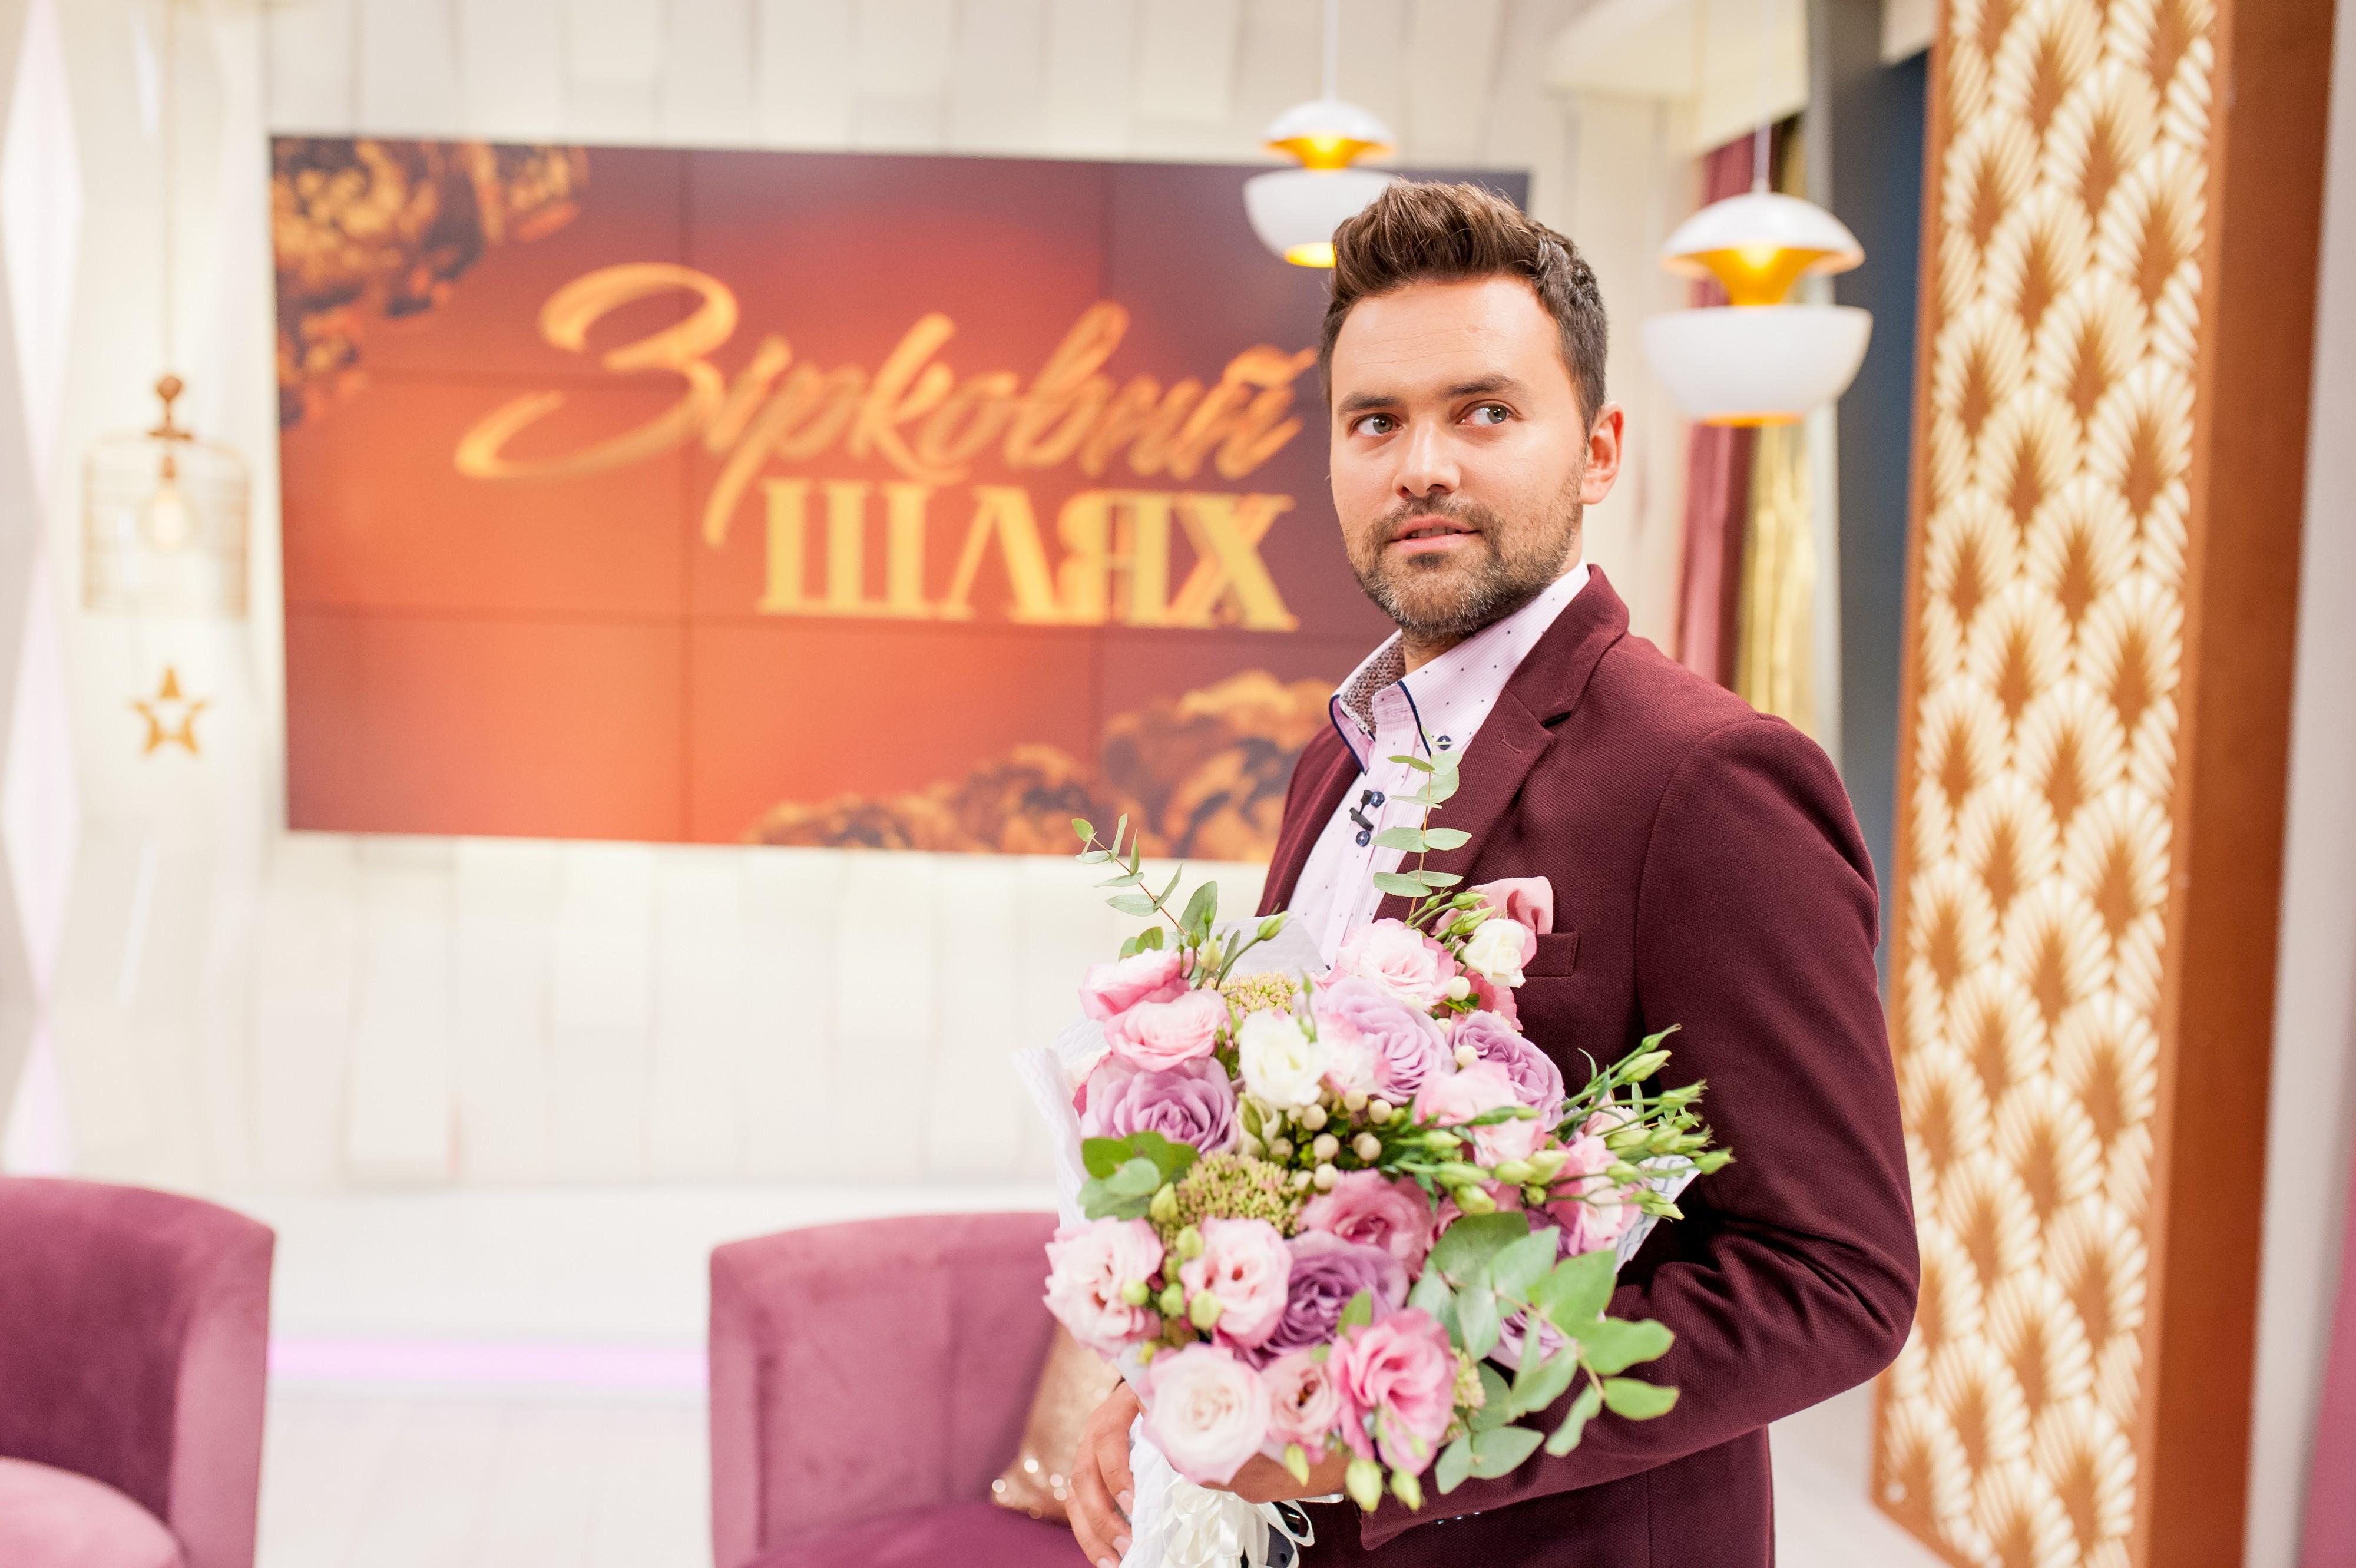 ТОП-6 лучших мужских подарка ко Дню защитника Украины от ведущего Тимура Мирошниченко